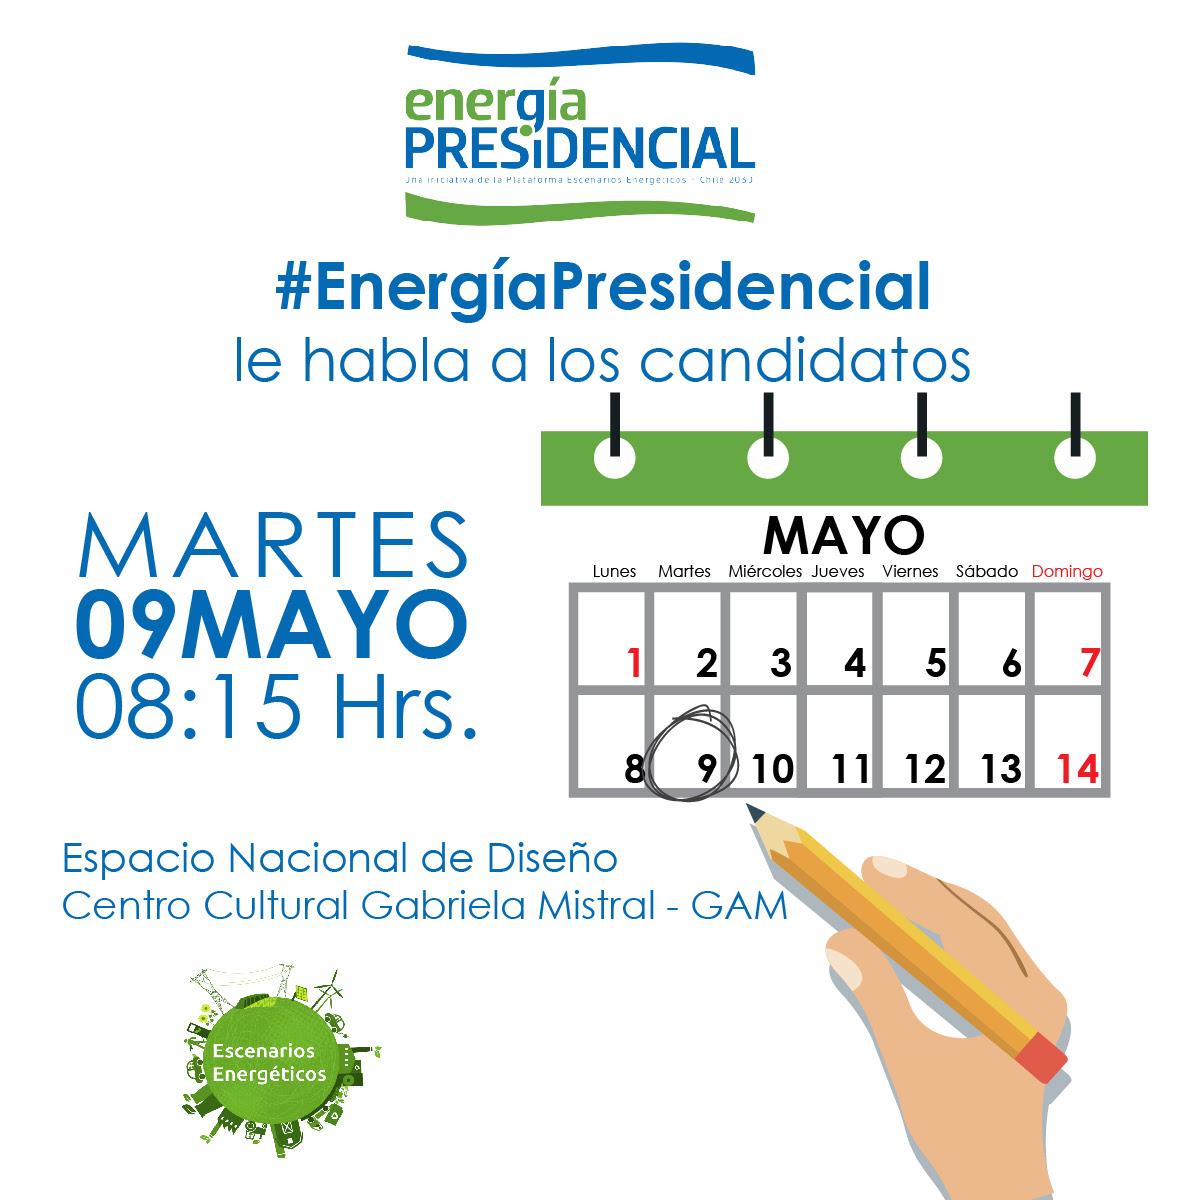 #EnergíaPresidencial le habla a los candidatos